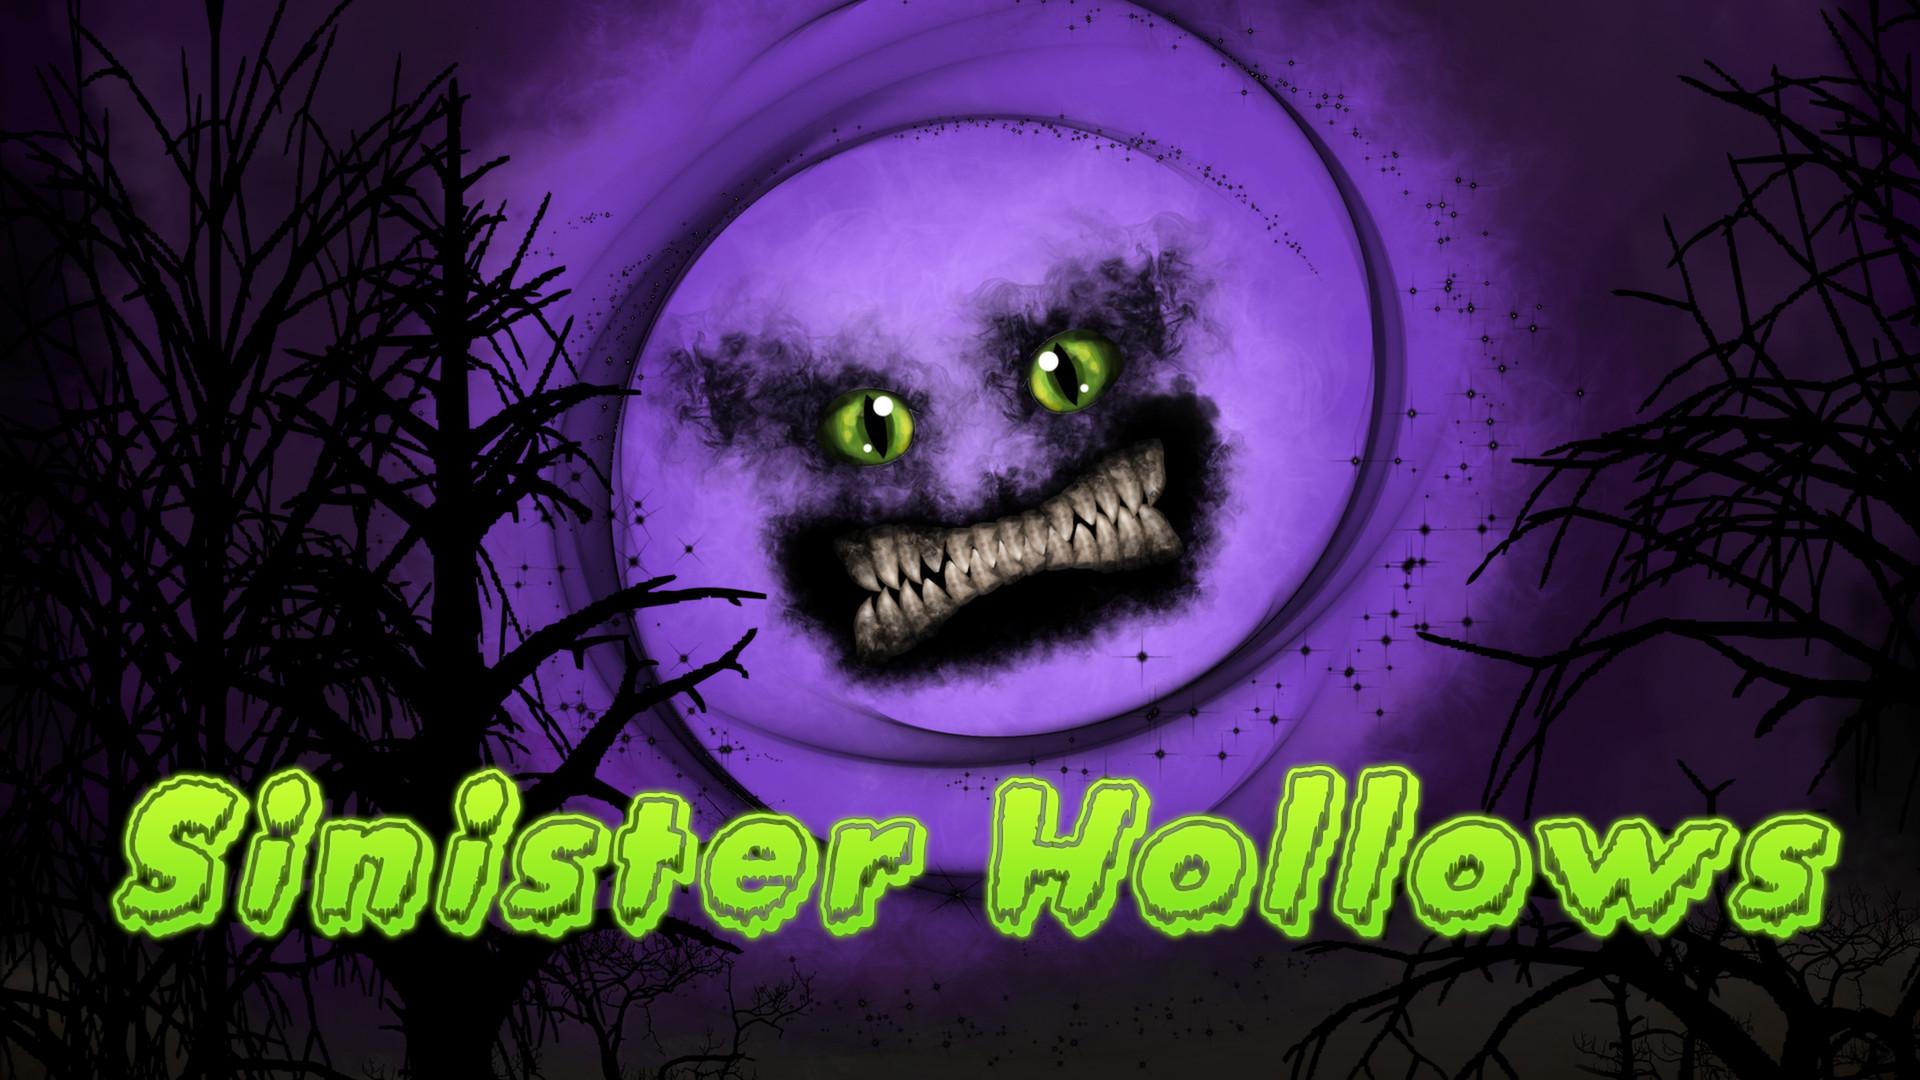 RPG Maker VX Ace - Sinister Hollows screenshot